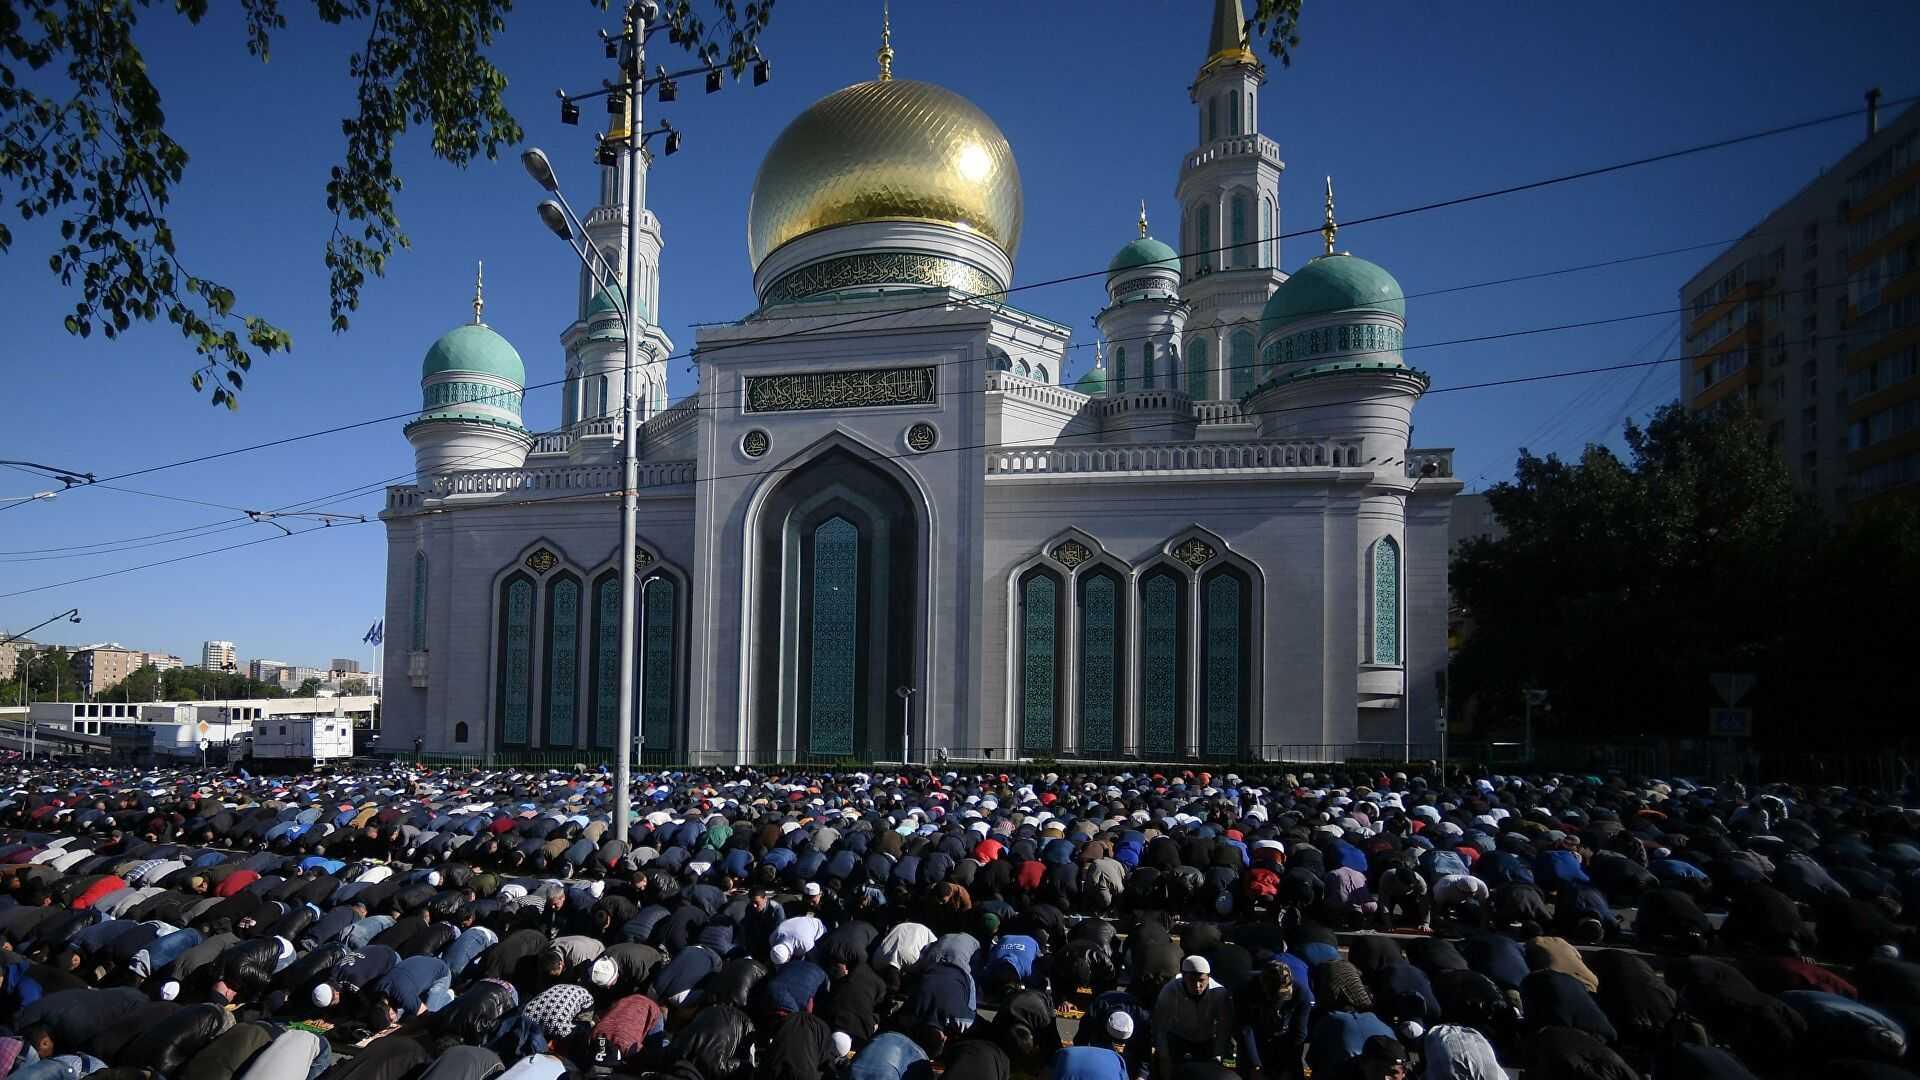 Мусульмане попросили построить больше мечетей в Москве